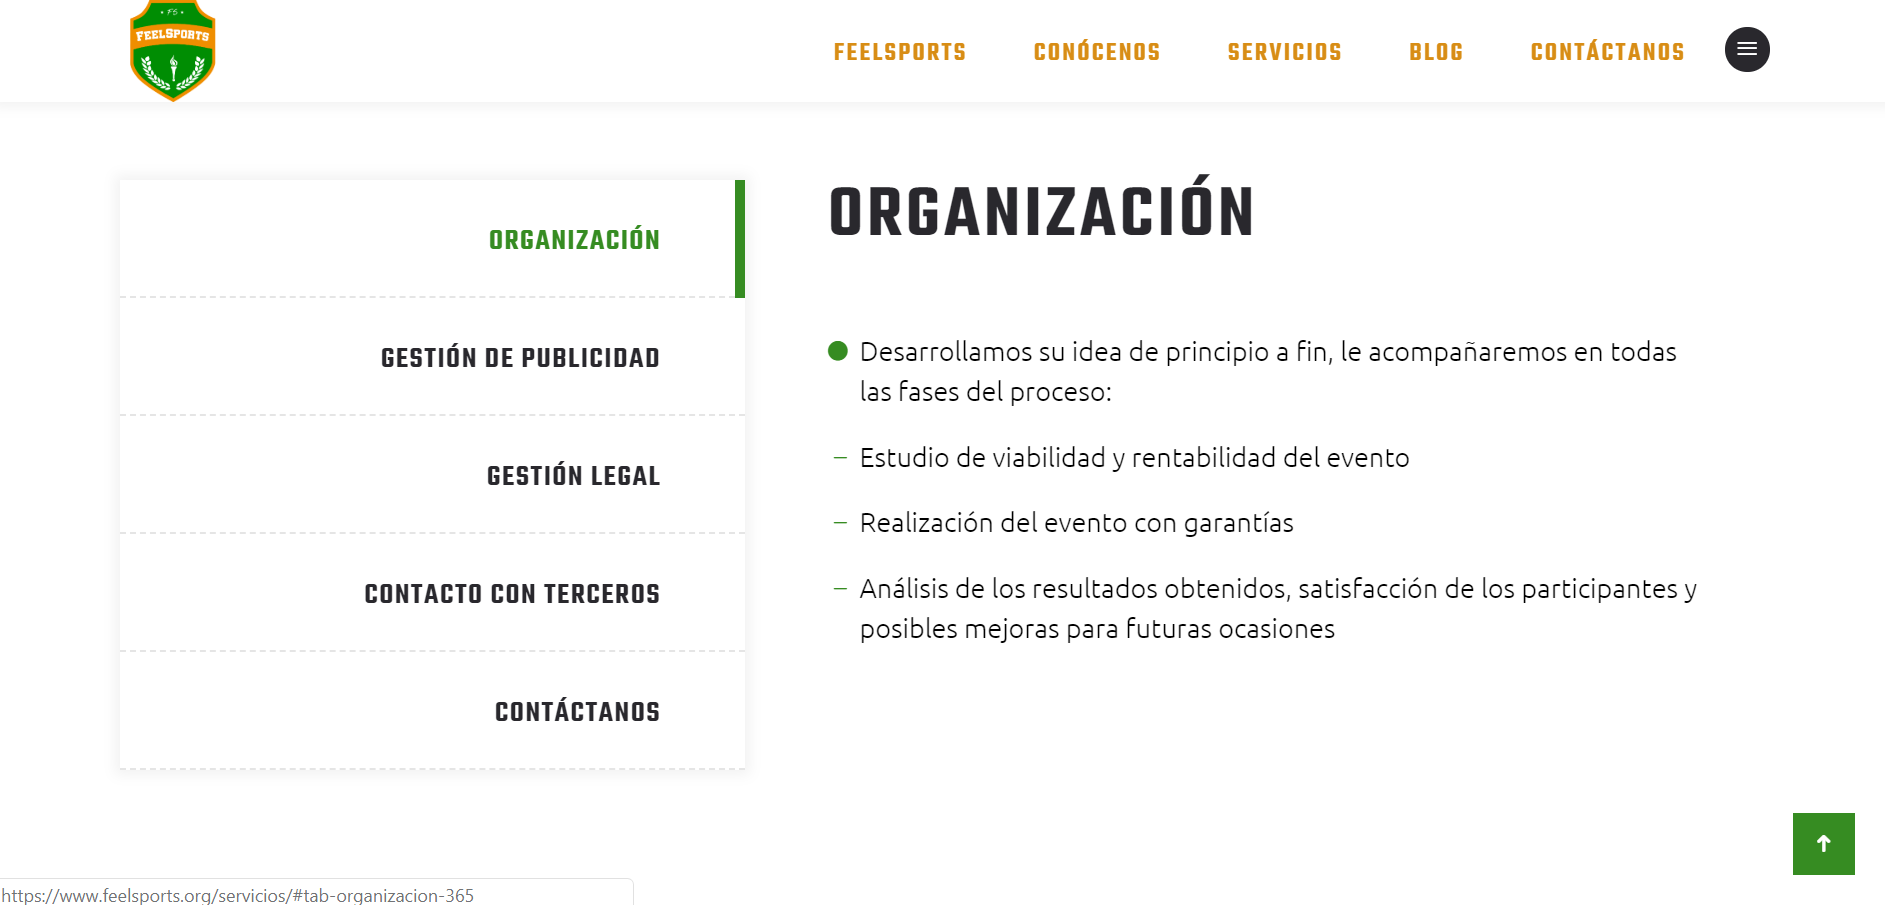 Een screenshot van de feelsports spanje website feelsports.org voor ons website portfolio